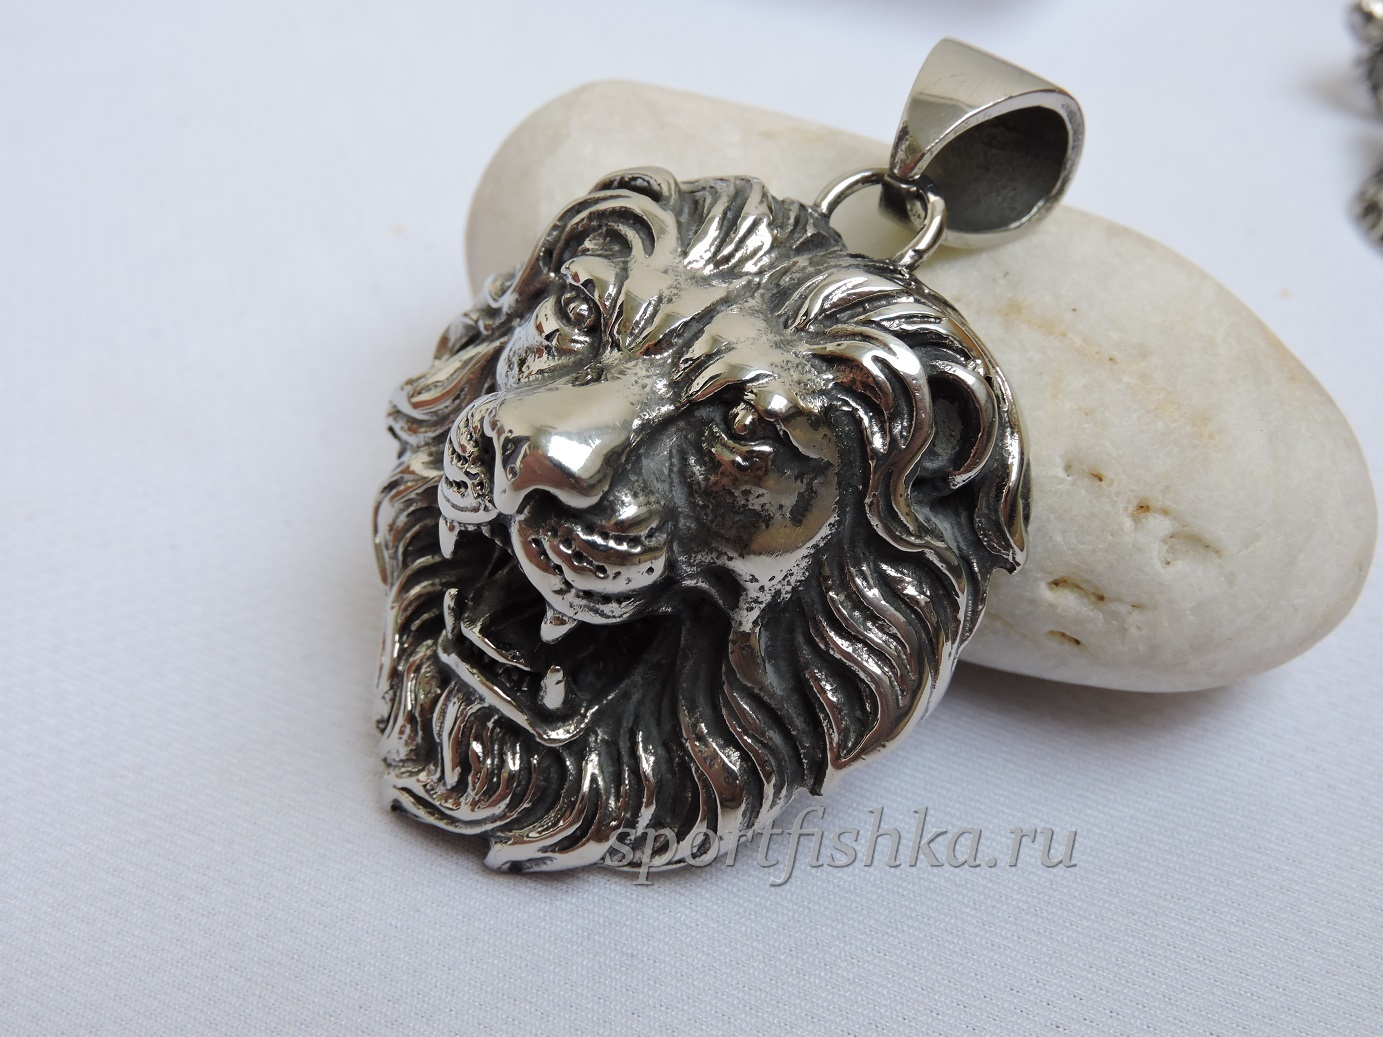 Подвеска кулон лев